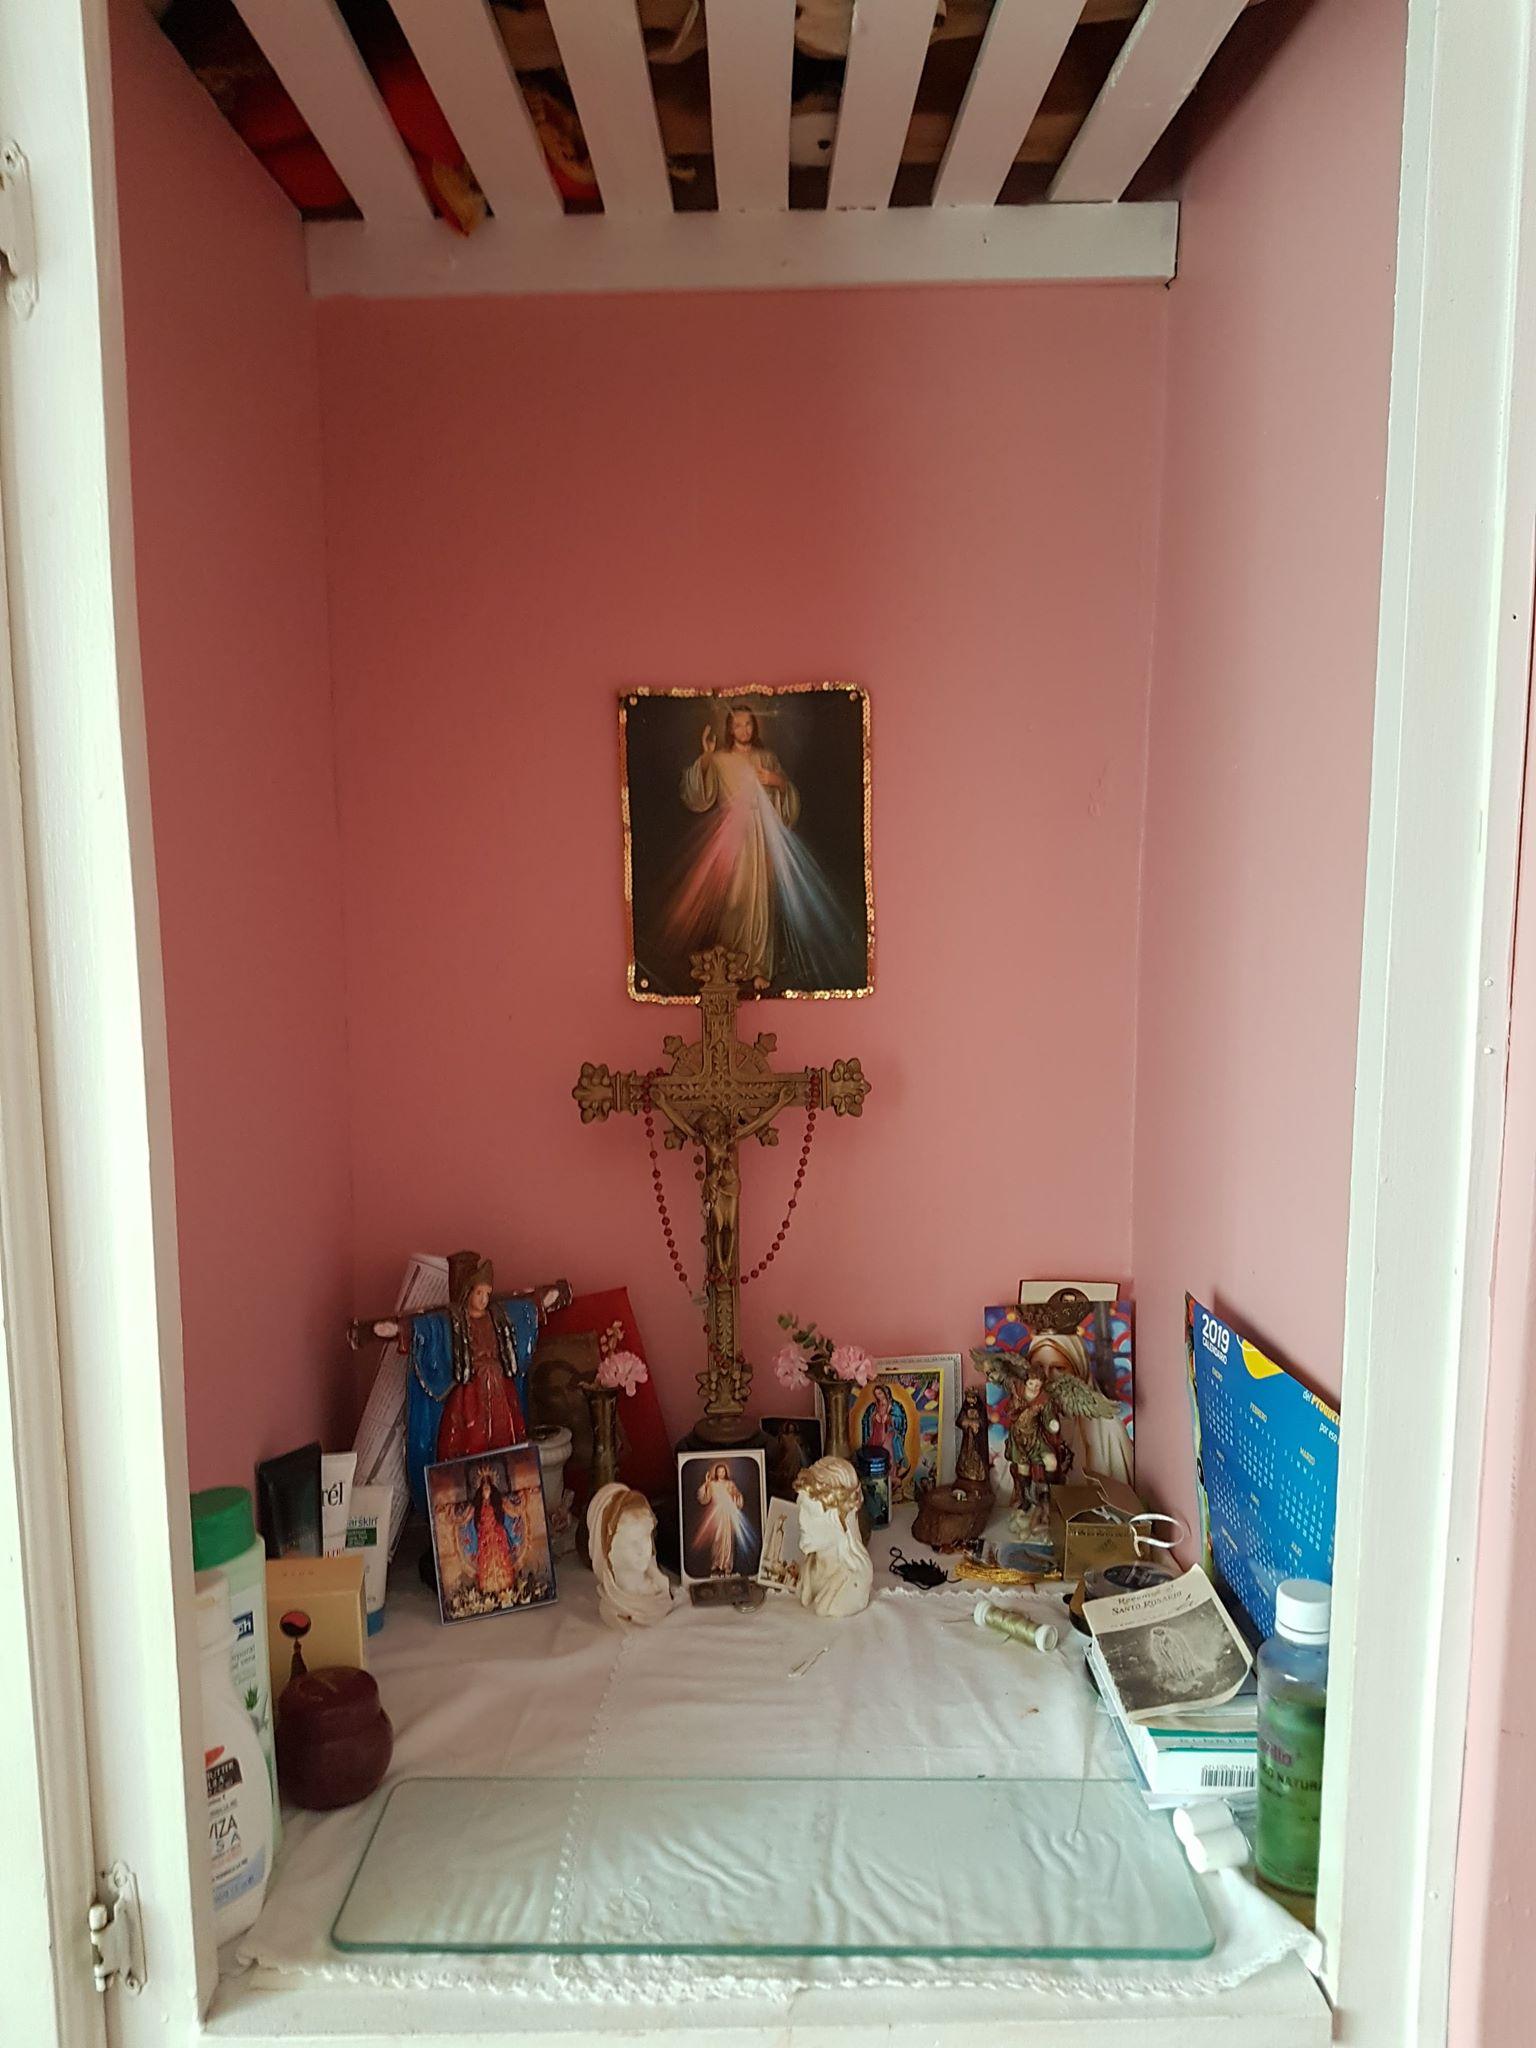 Ołtarzyk z Jezusem Miłosiernym w jednym z domów Fot. Maria Górczyńska